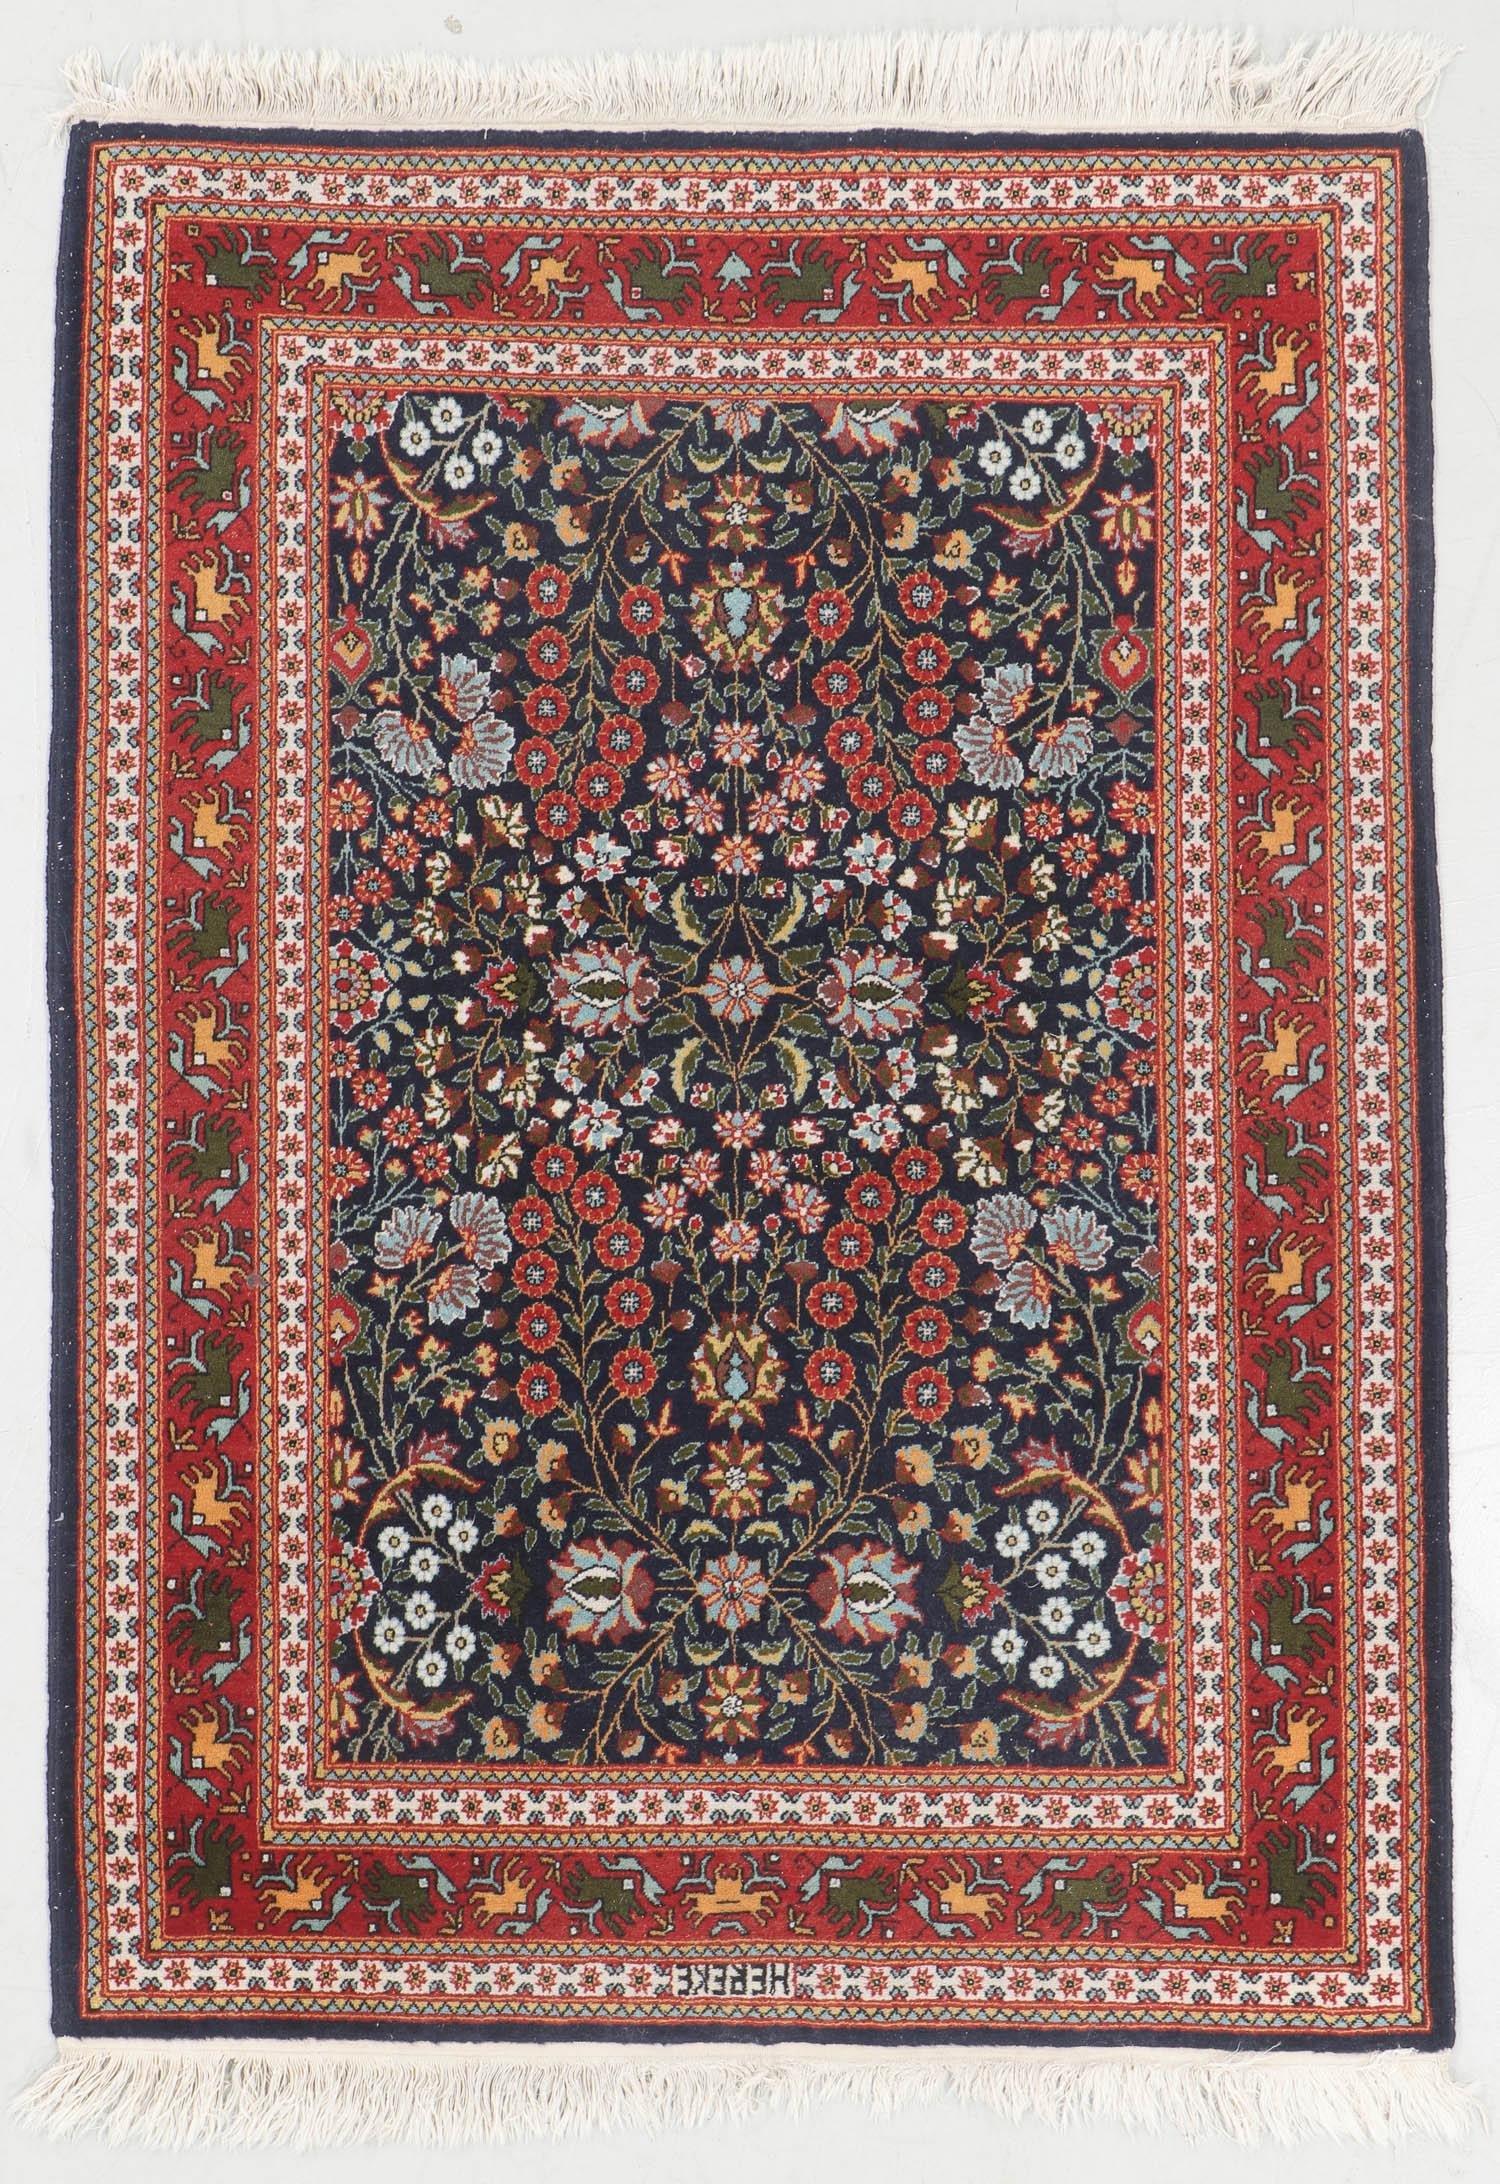 Vintage Wool Signed Hereke Rug, Turkey: 3'6'' x 4'11''